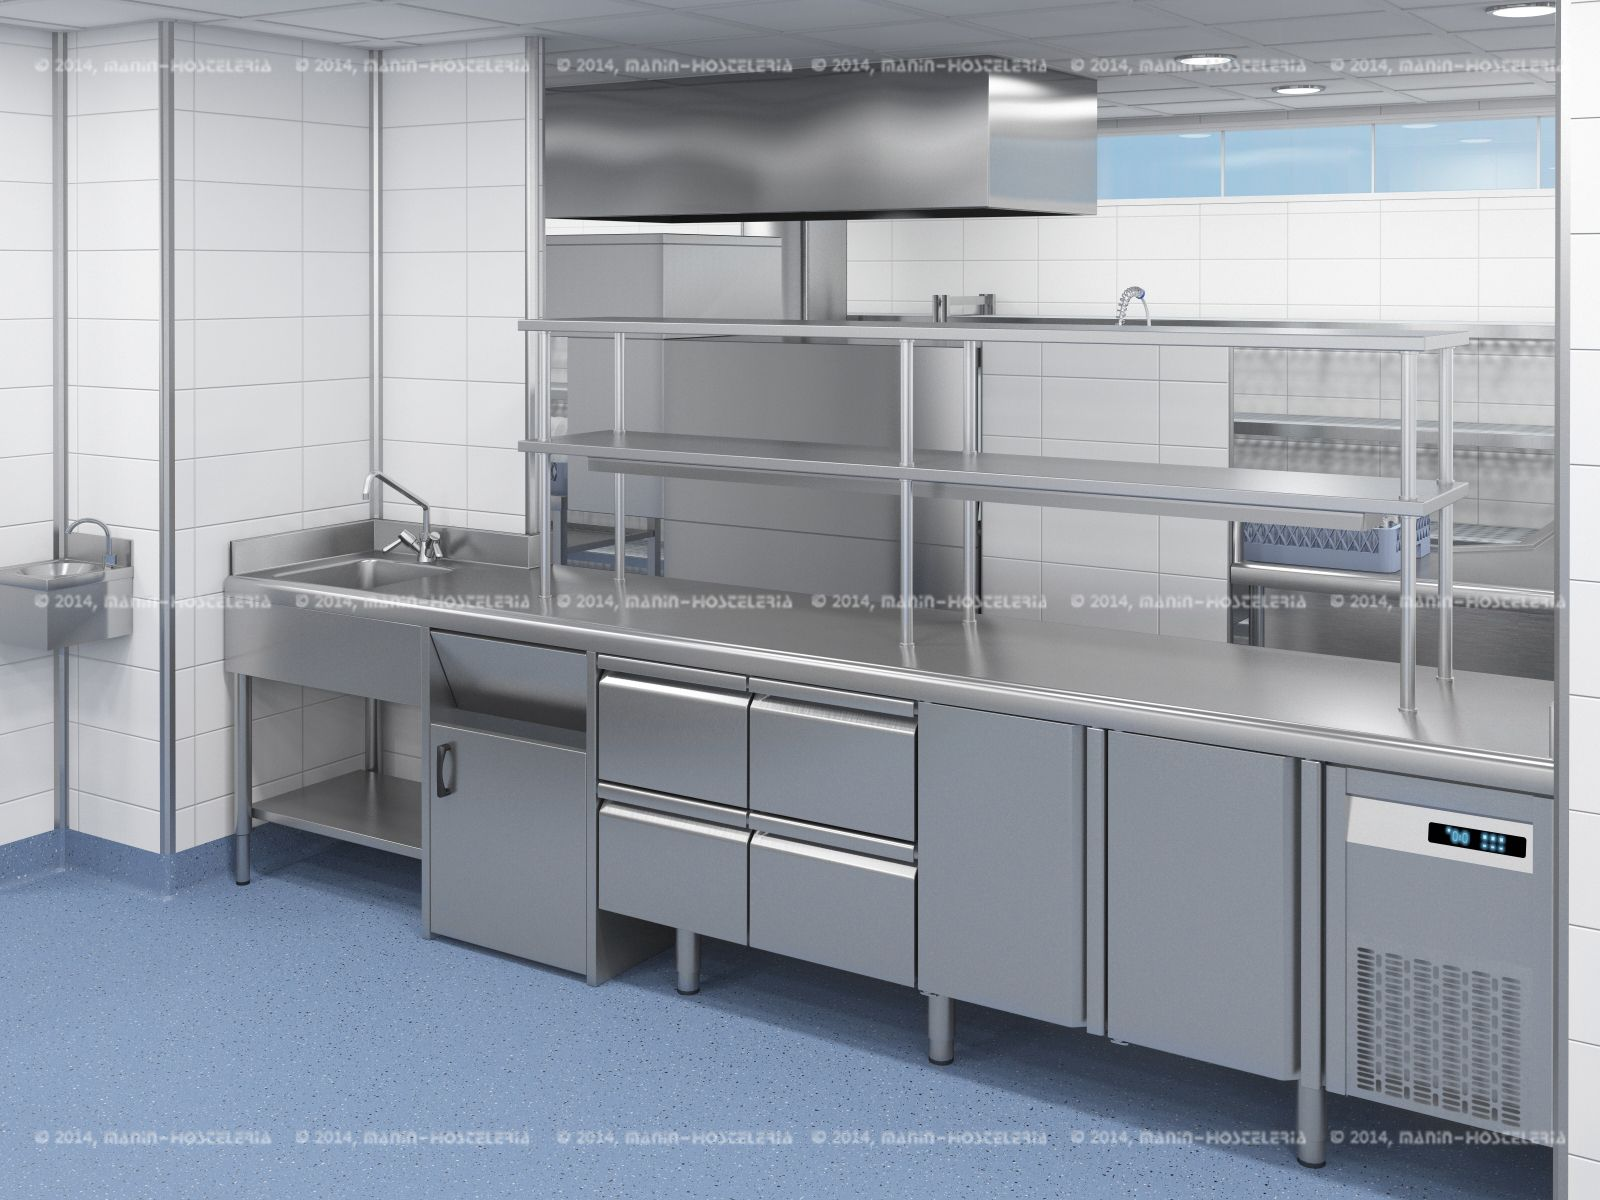 dise o de cocina industrial en 3d y cad con rea On diseno de cocinas 3d gratis